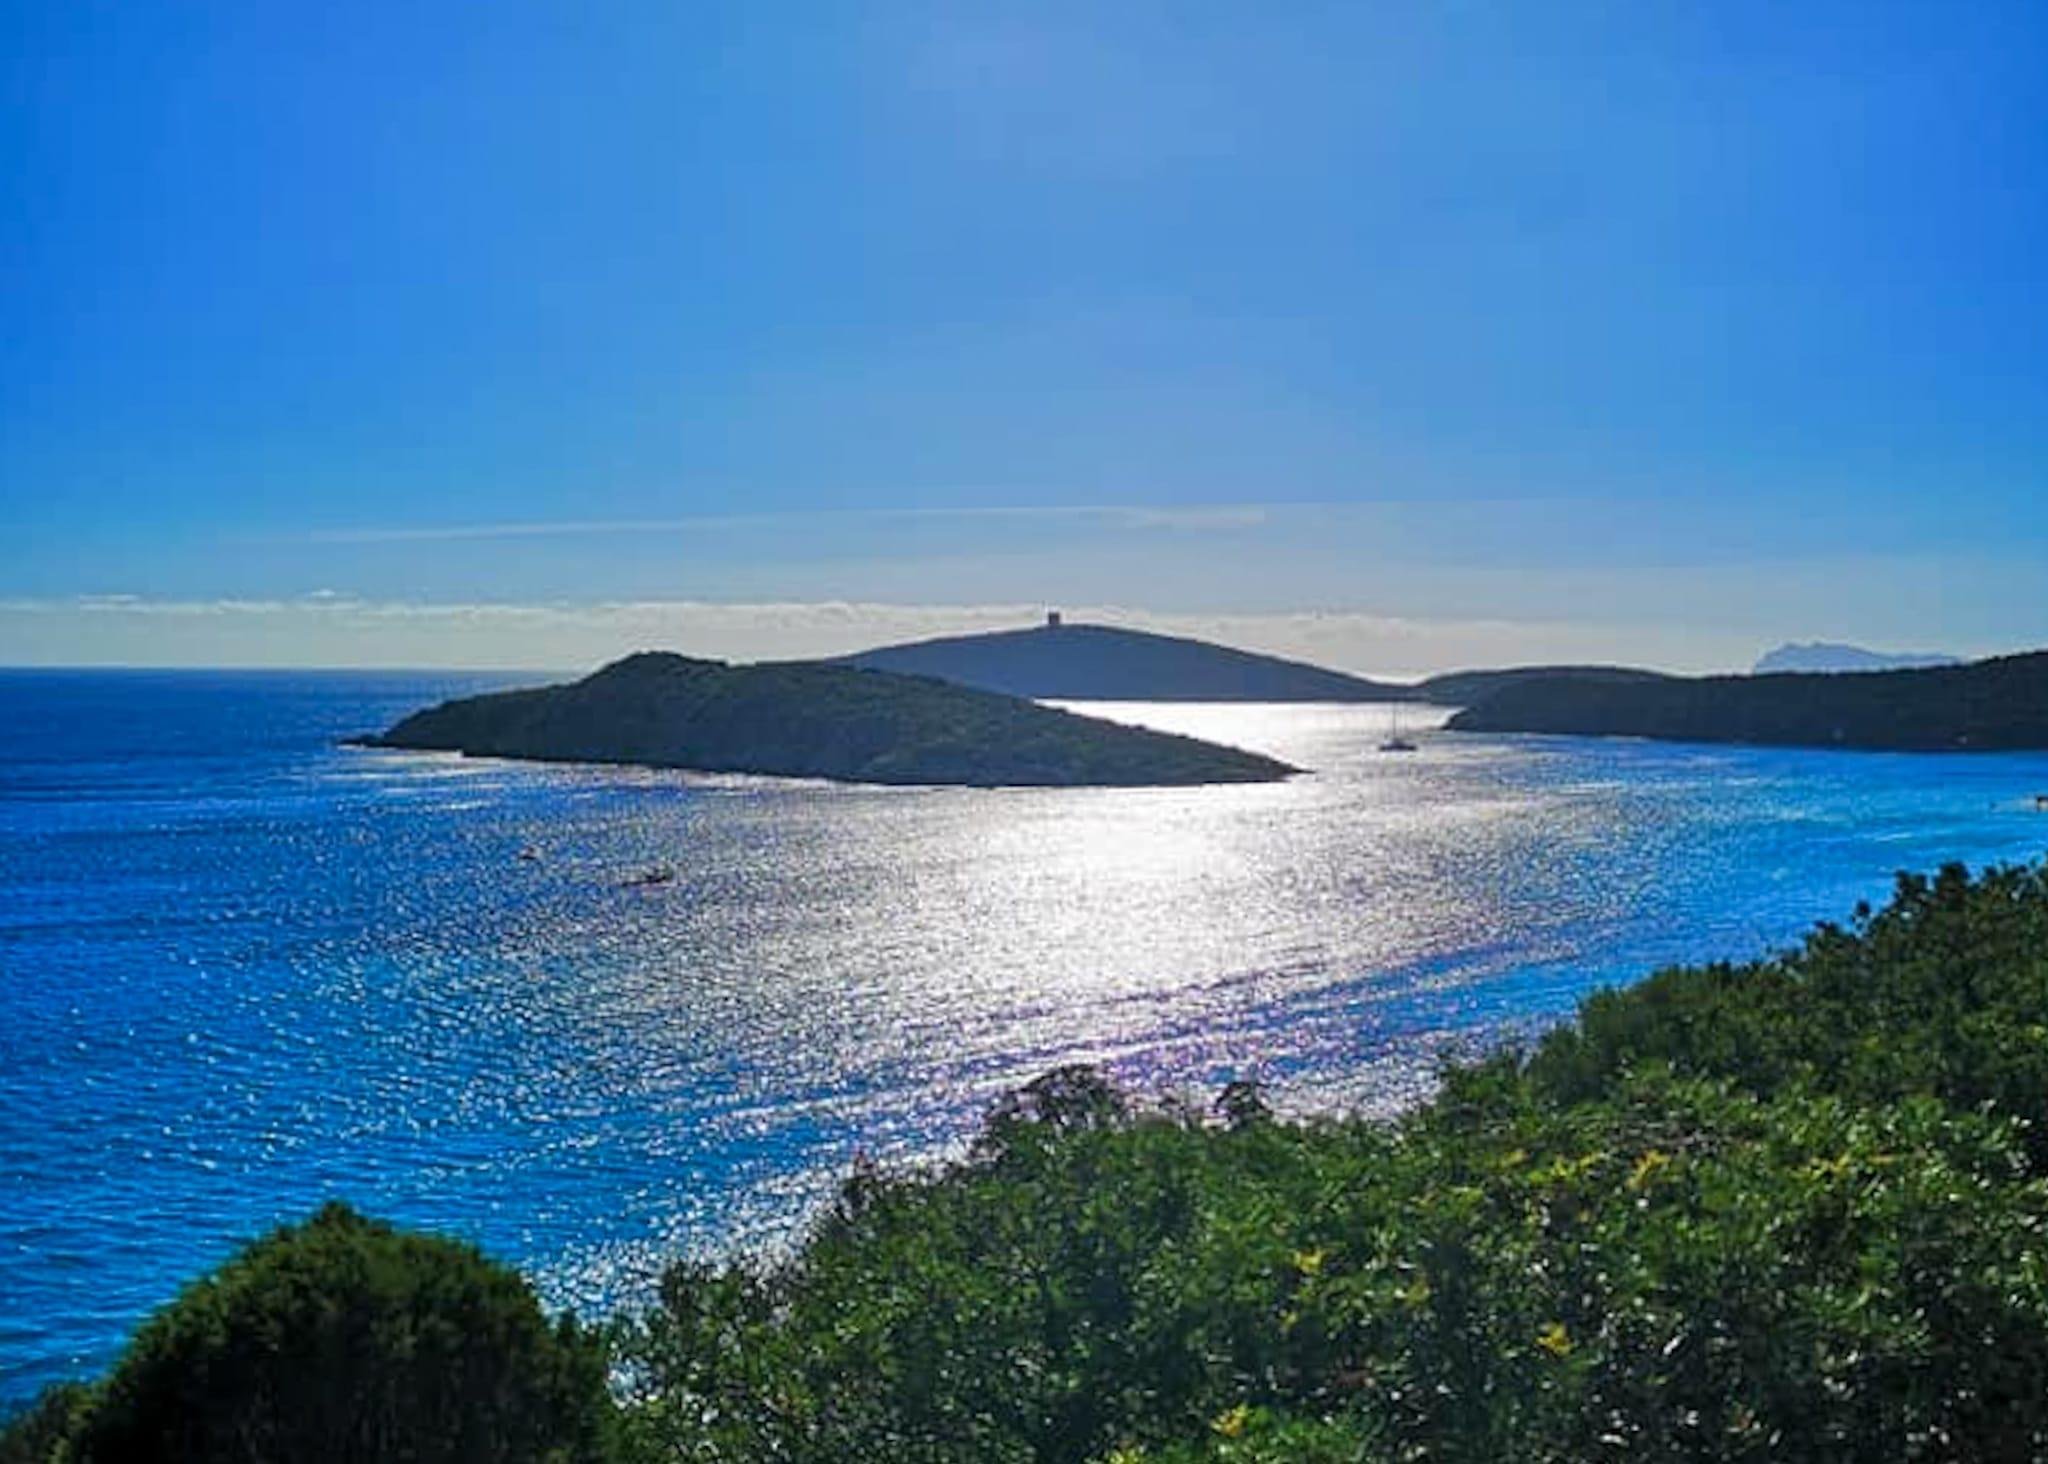 Cartina Sardegna Centro Ovest.Da Cagliari Ad Alghero In Viaggio Per La Sardegna Occidentale Sognando Caledonia